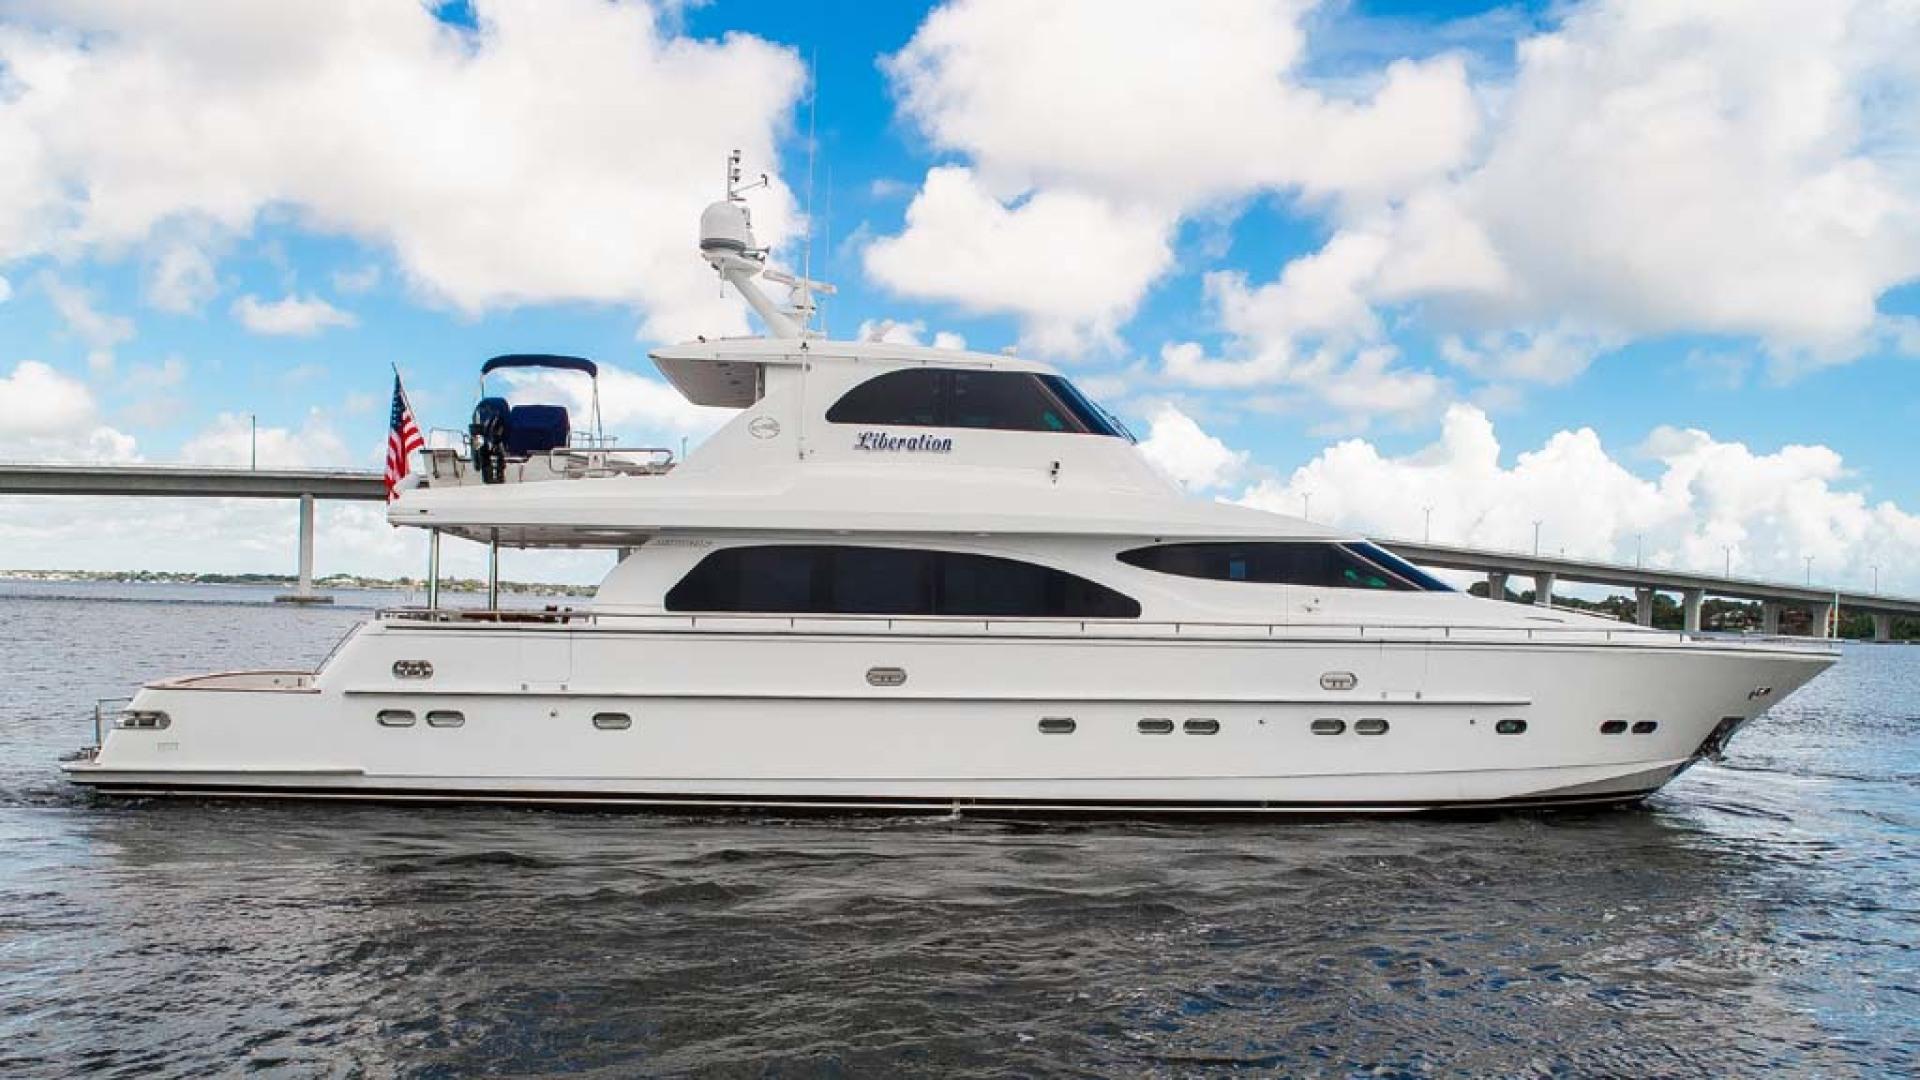 Horizon-Cockpit-Motor-Yacht-2008-Liberation-Stuart-Florida-United-States-Profile-1075306